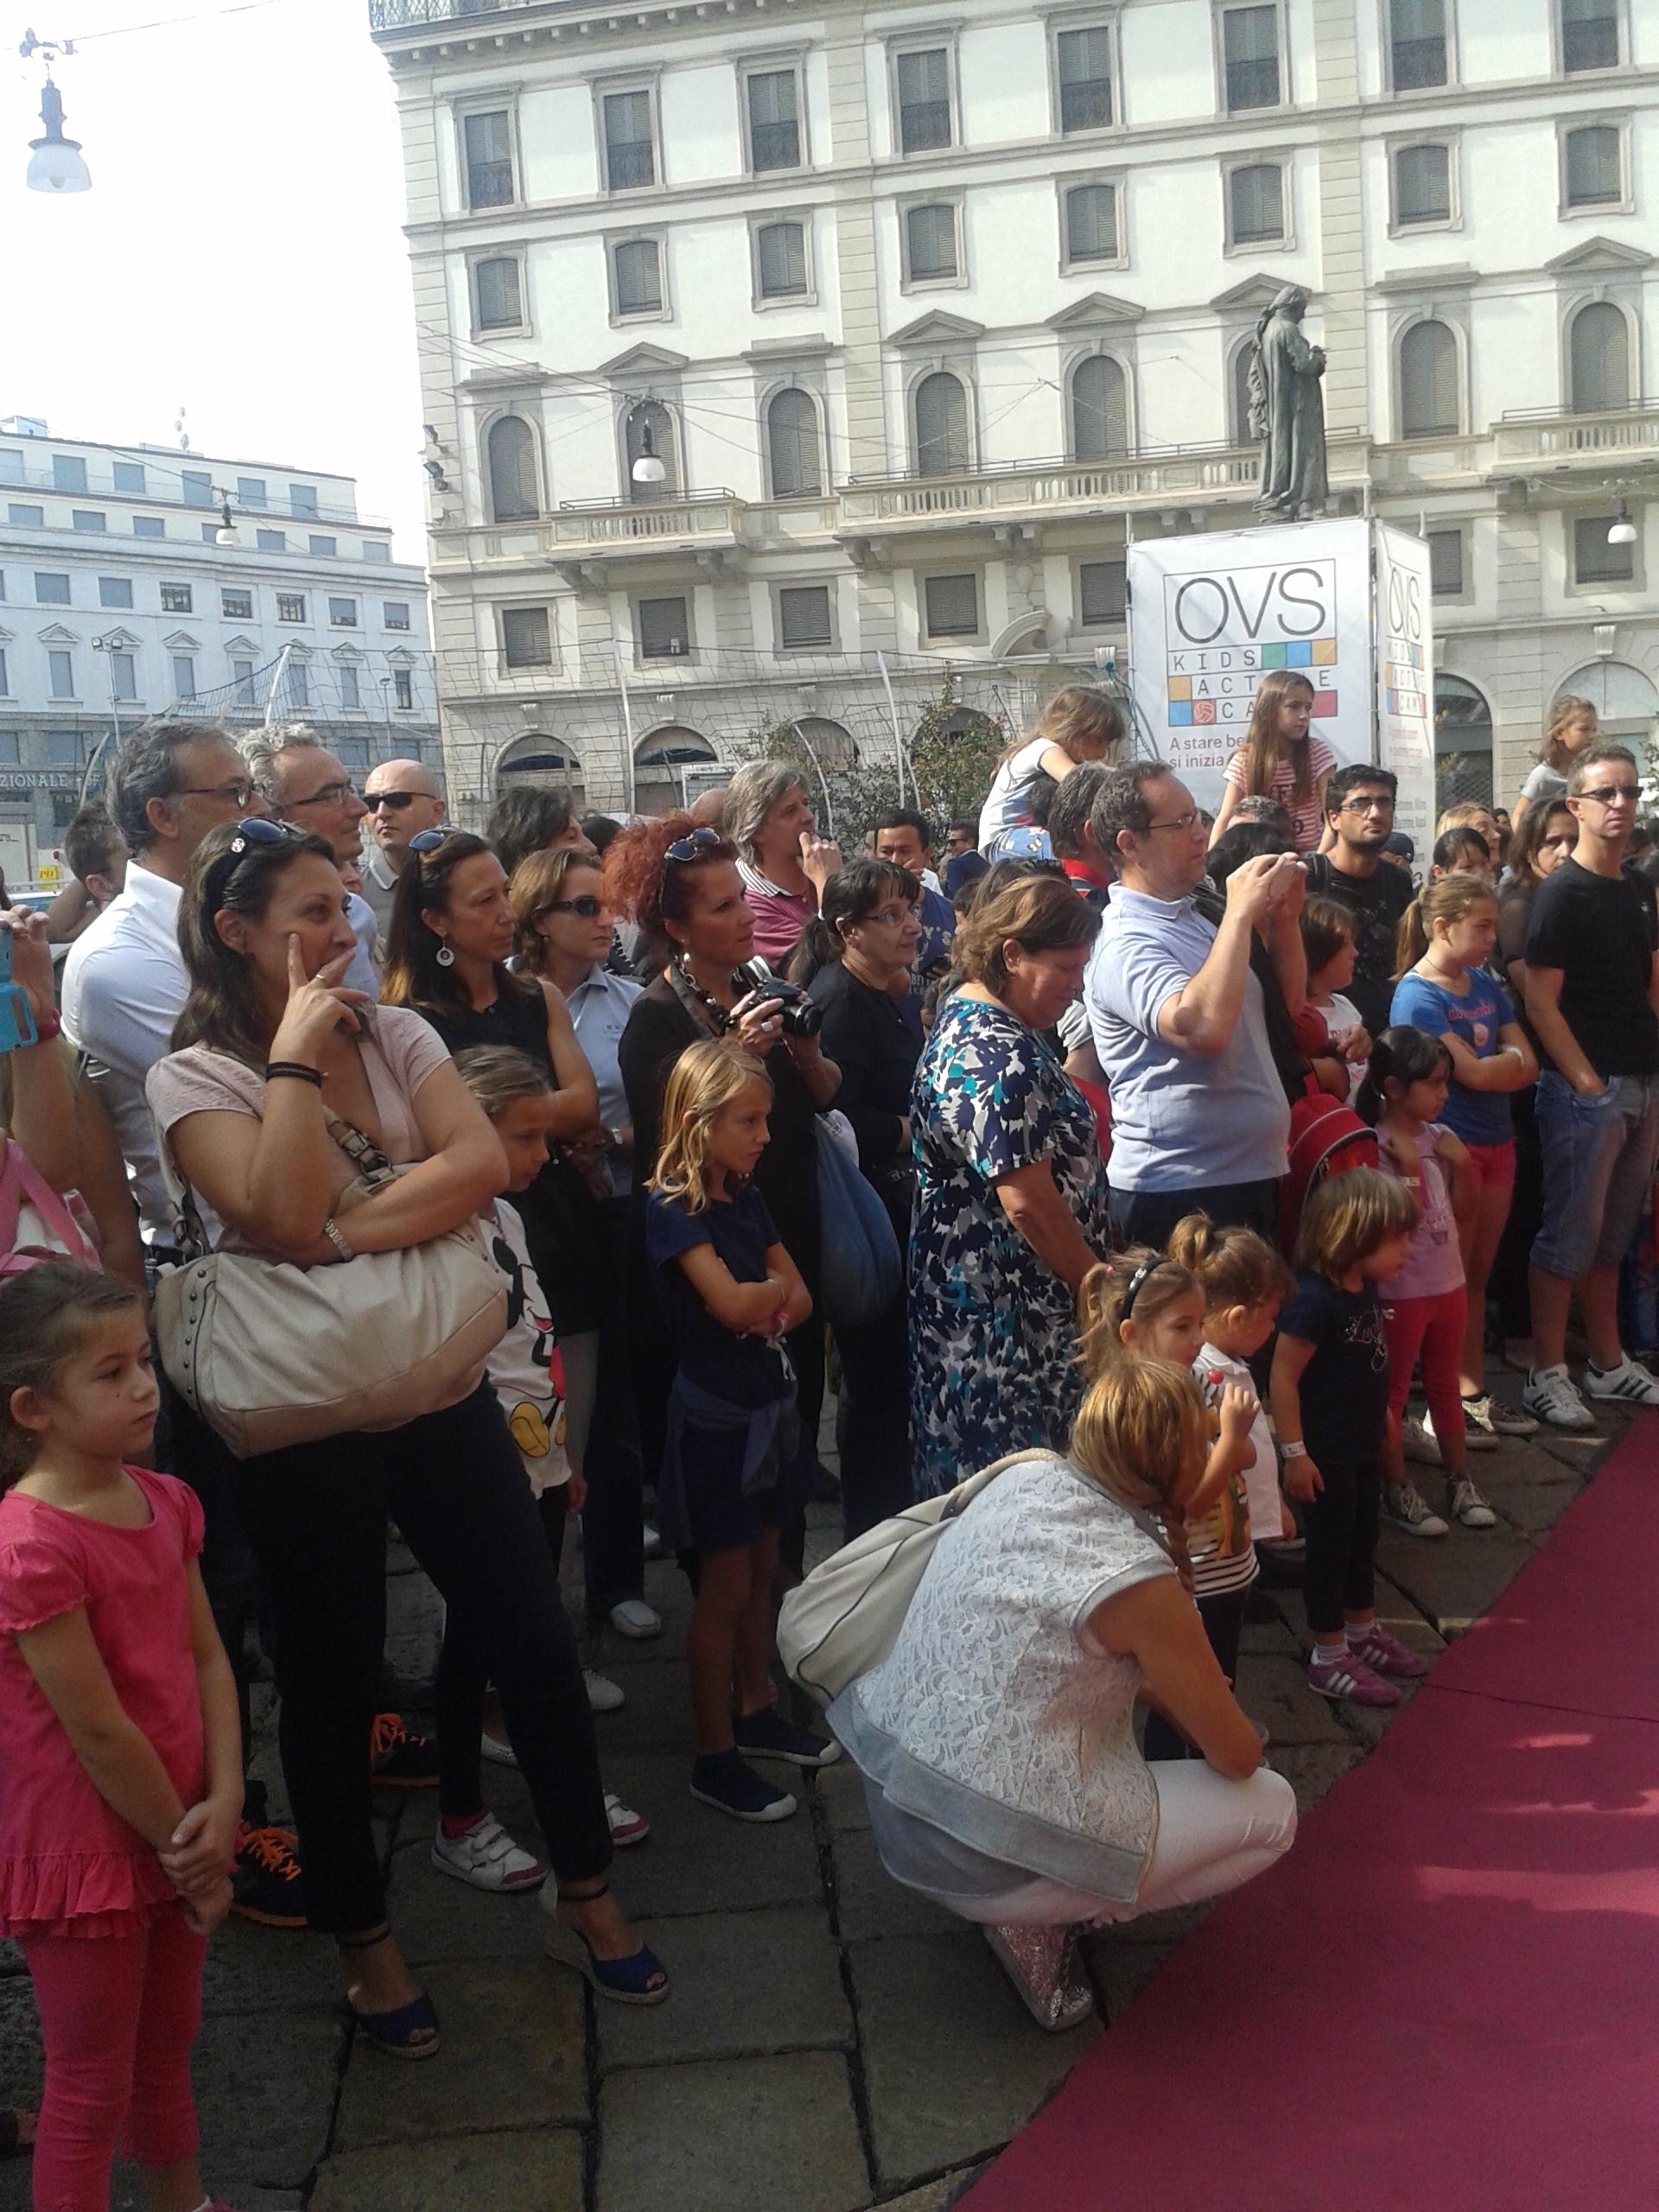 Evento OVS Kids Camp Duomo Milano